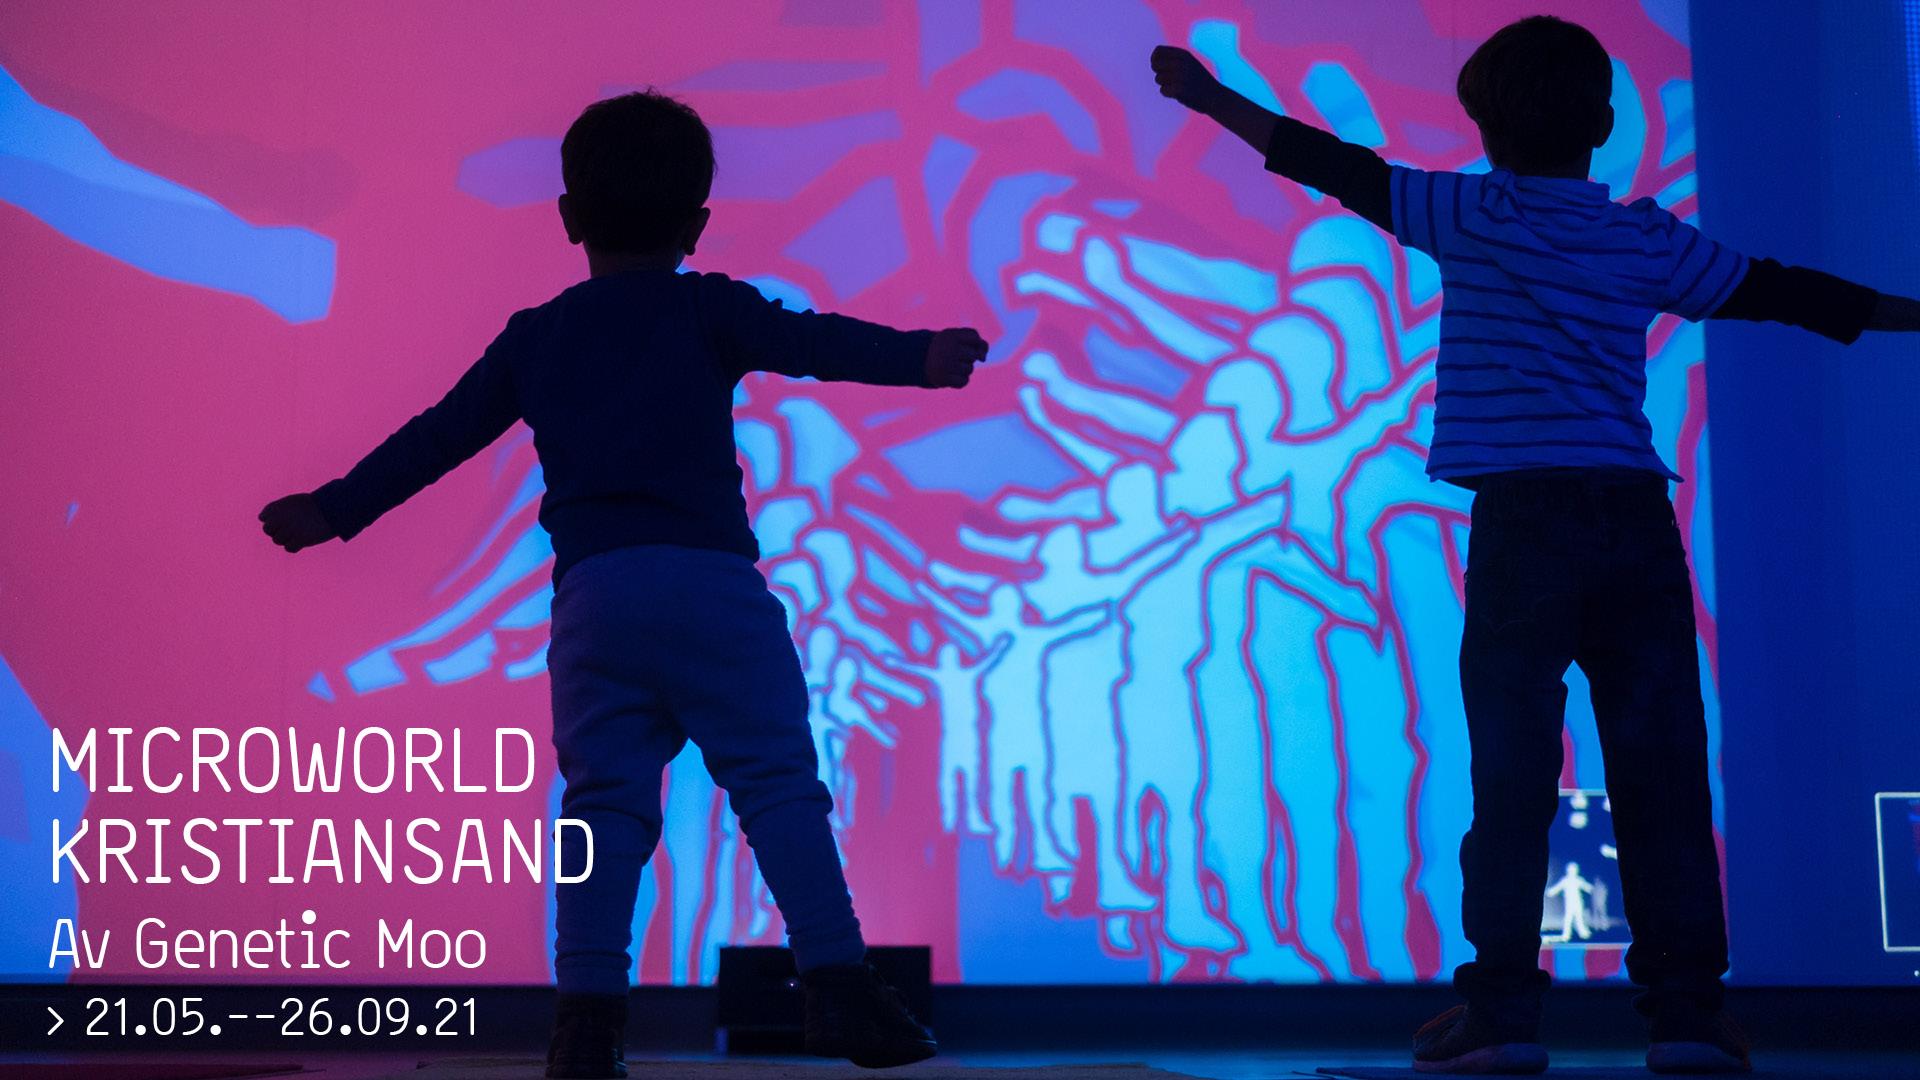 Utstillingsåpning på nett: Microworld Kristiansand